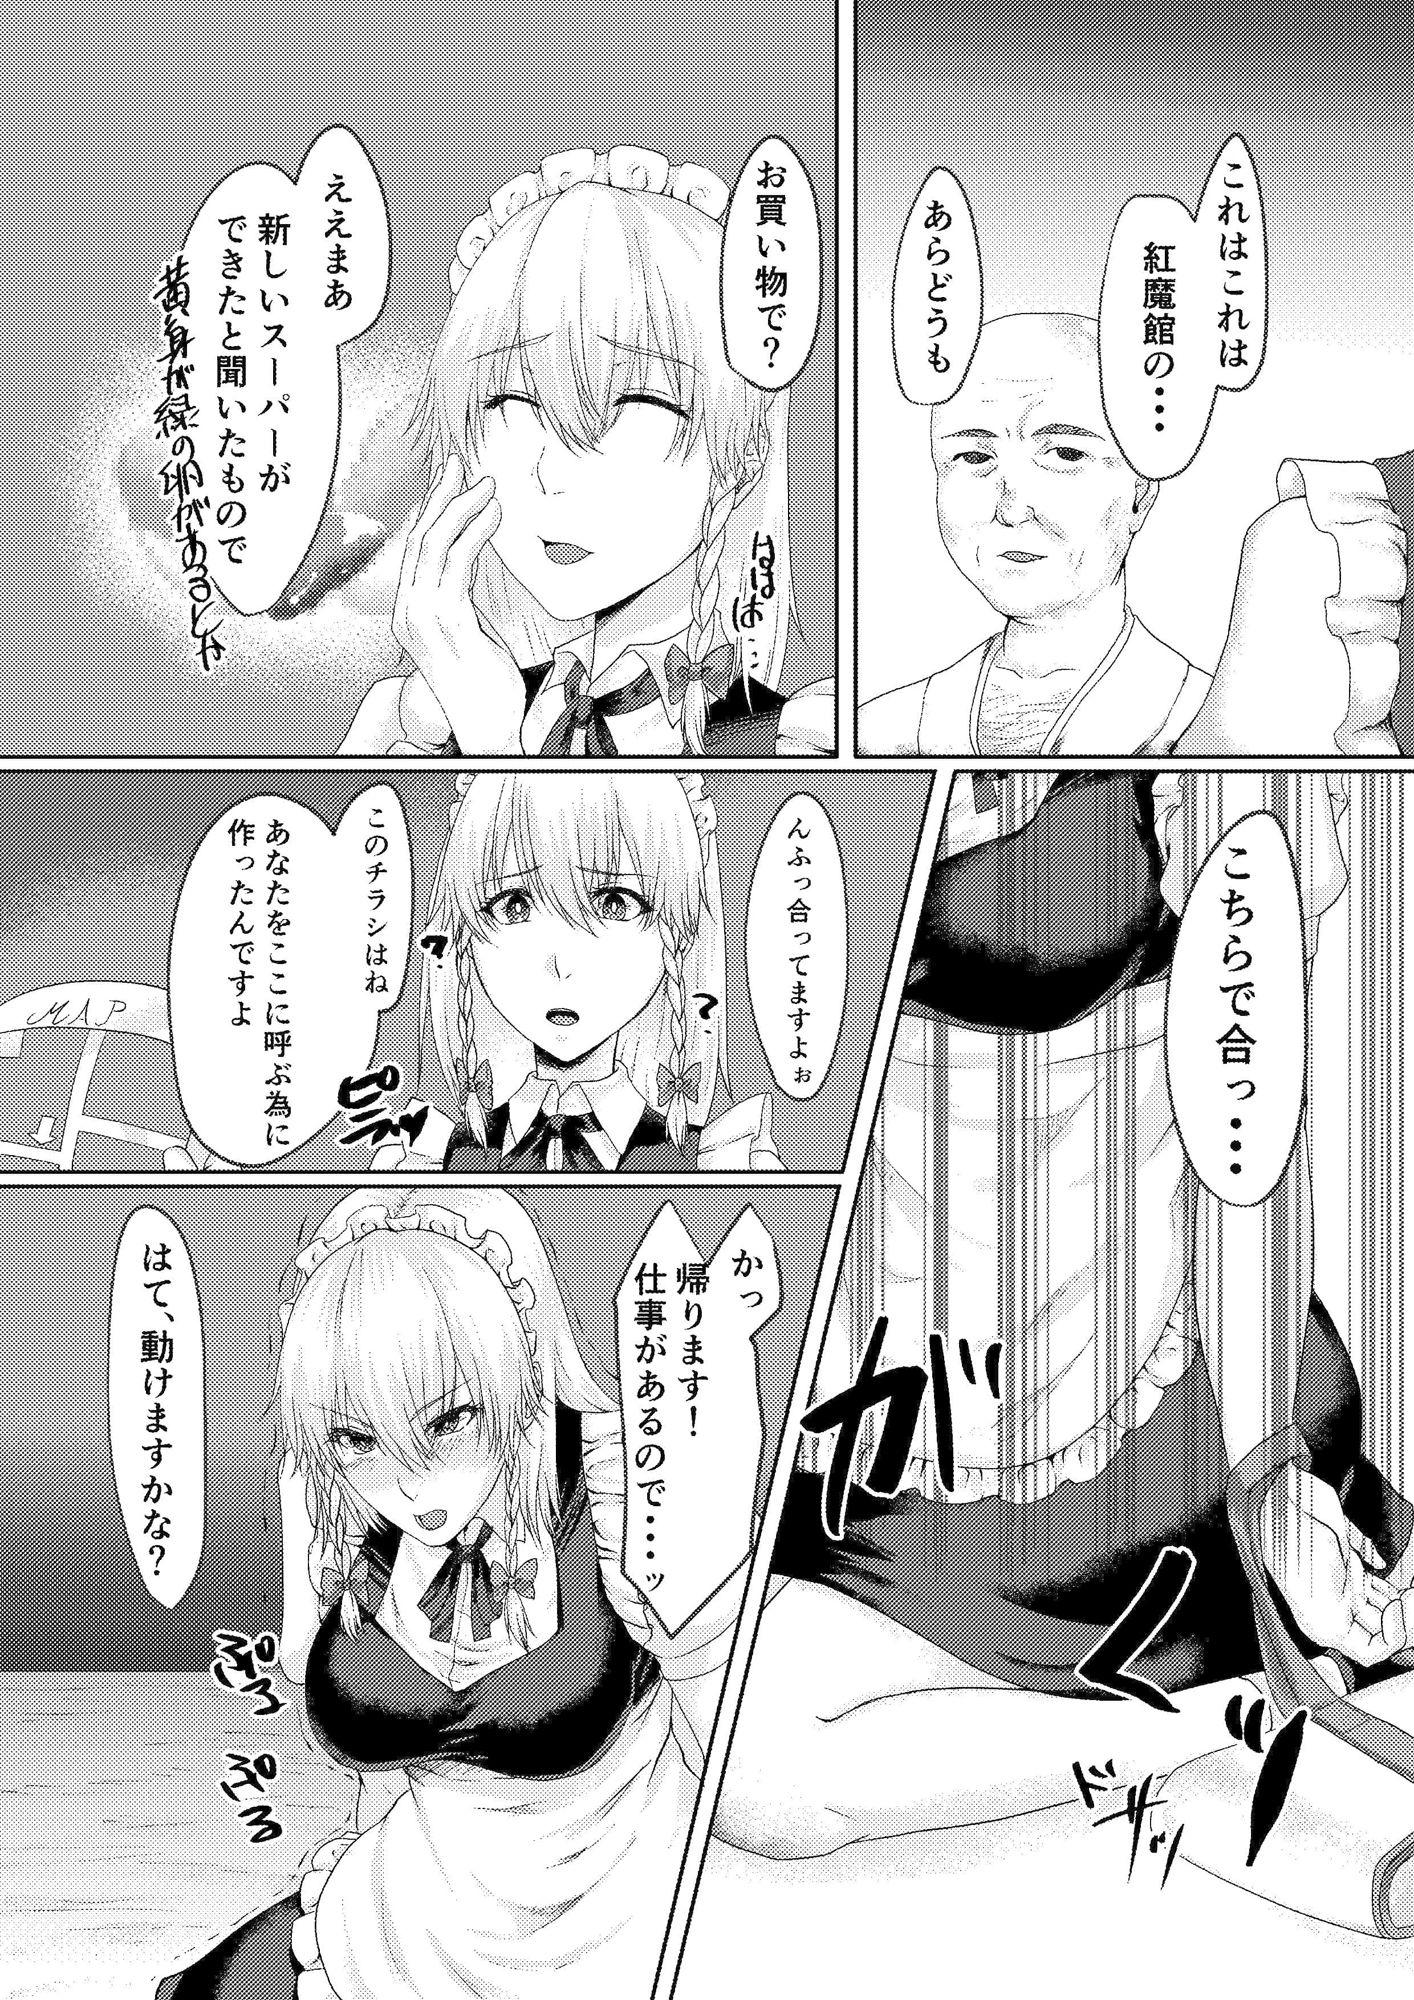 https://www.dmm.co.jp/dc/doujin/-/detail/=/cid=d_153303/